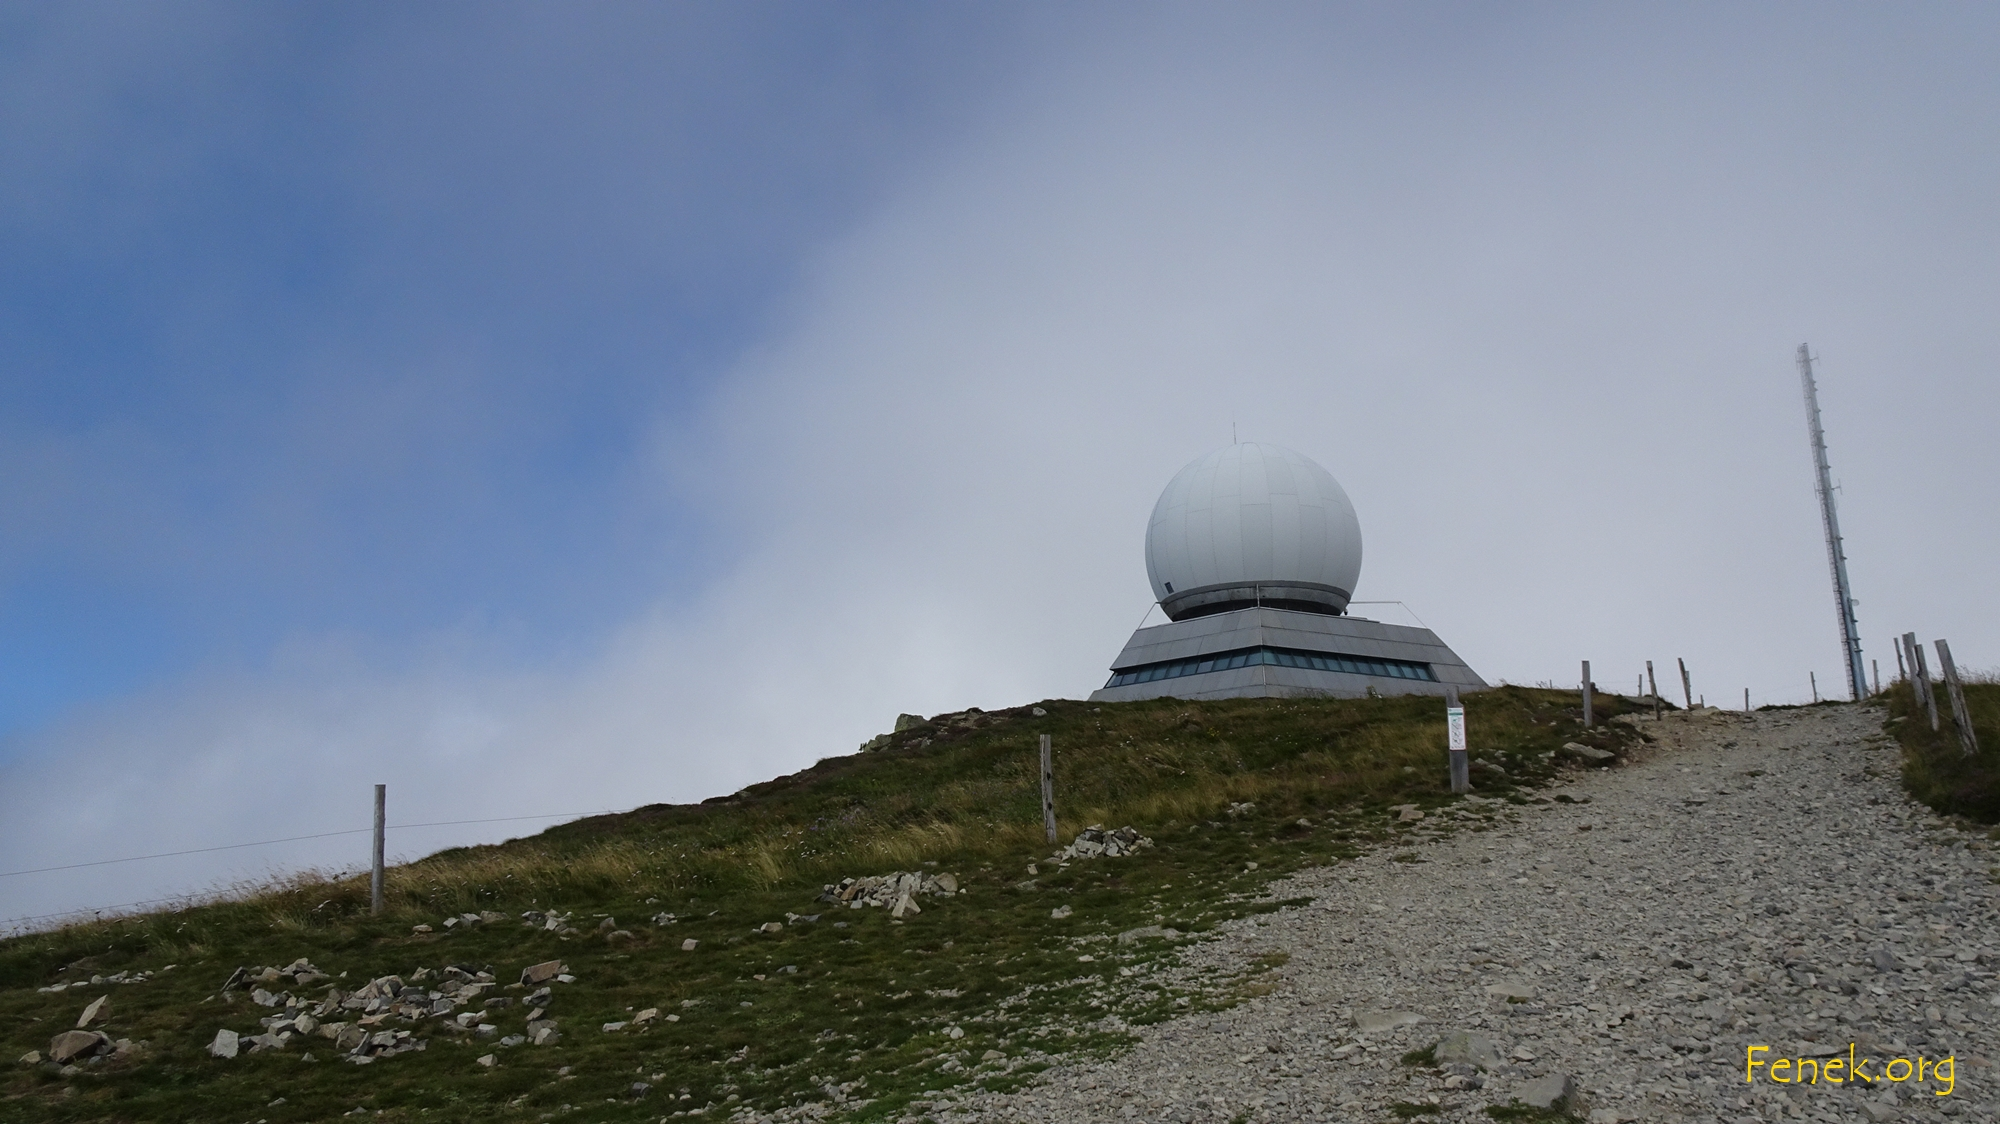 die Radarstation auf dem Gipfel